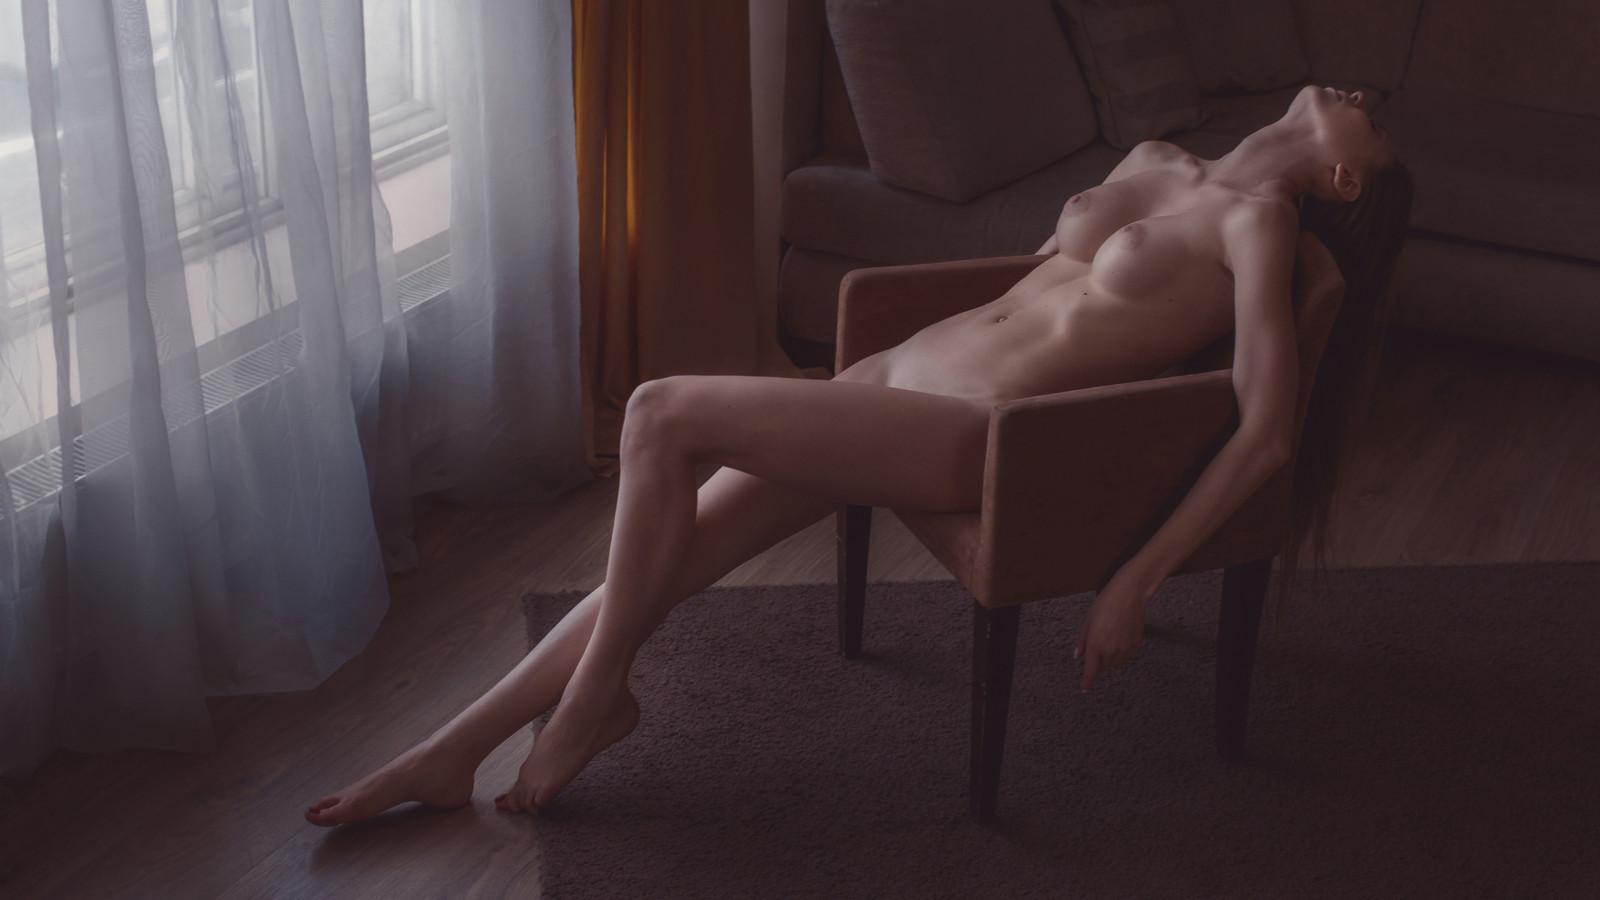 kvinnlig röv naken